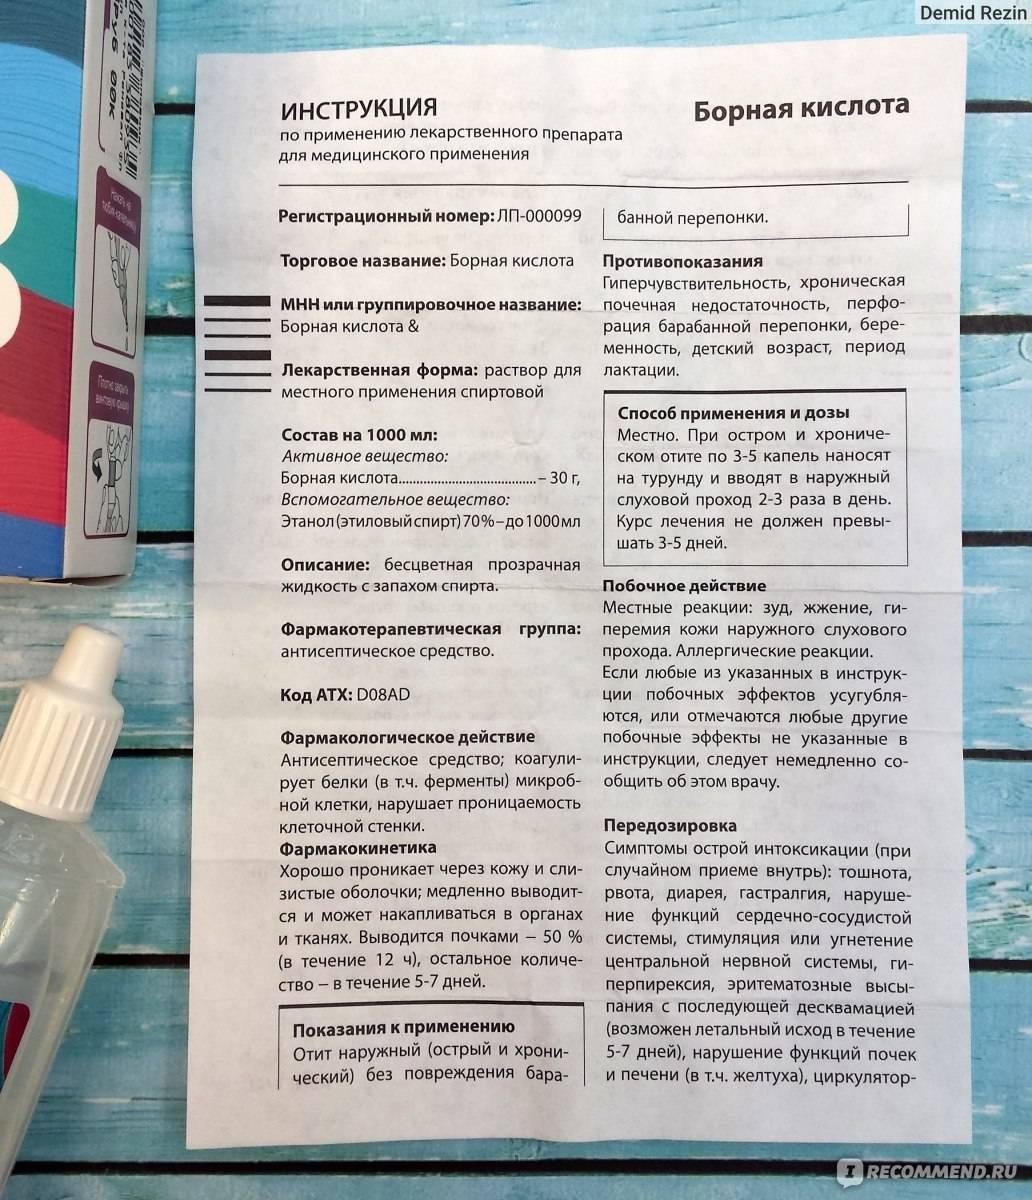 Борная кислота в ухо ребёнку: инструкция по применению pulmono.ru борная кислота в ухо ребёнку: инструкция по применению